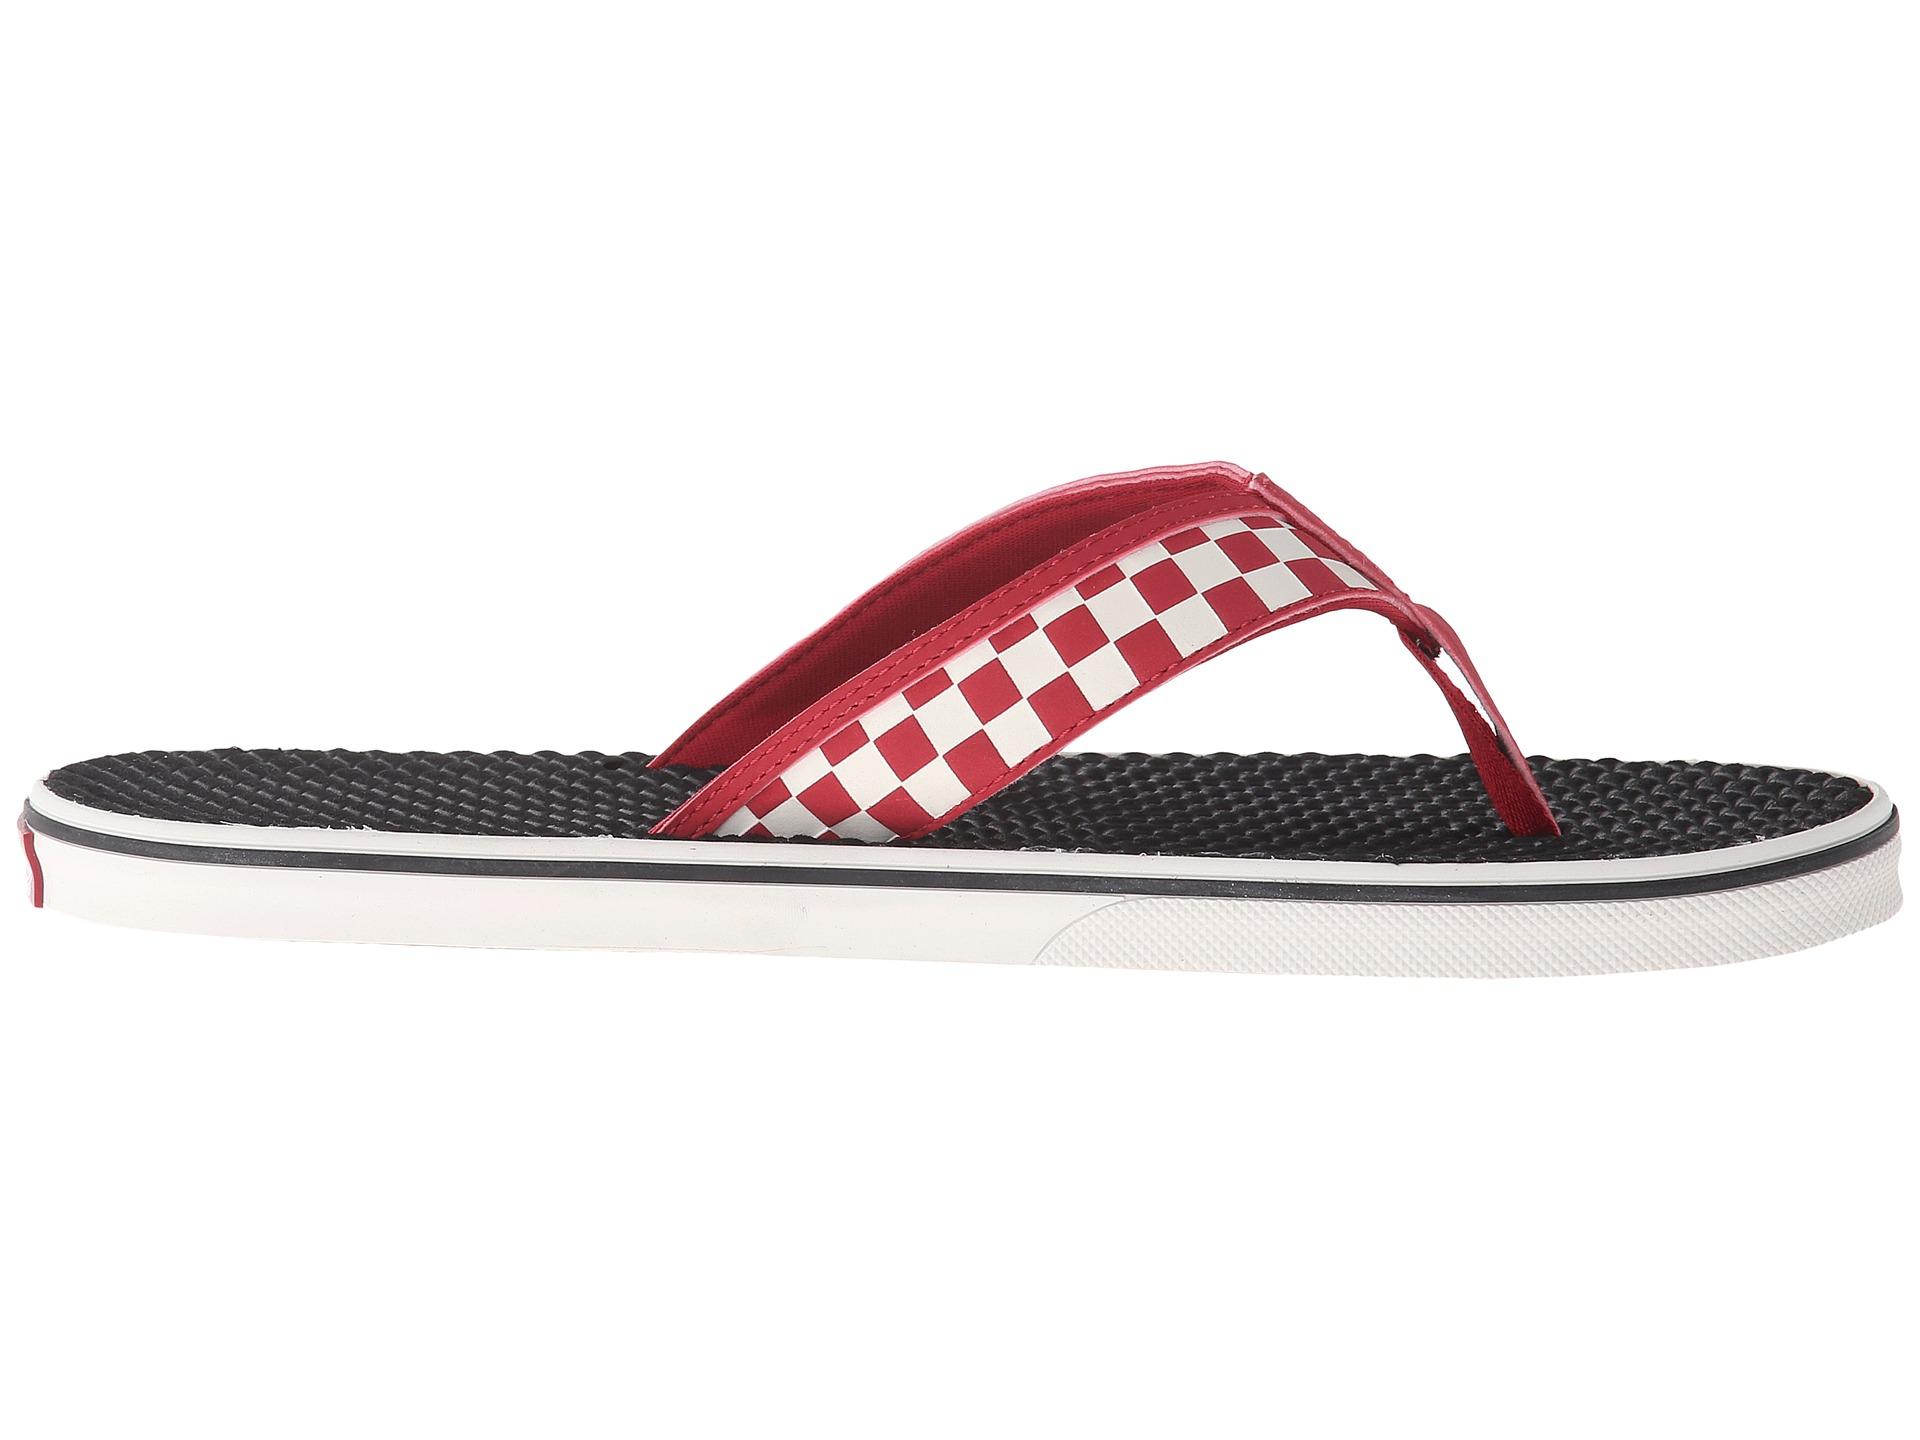 94d97264d005a0 Lyst - Vans La Costa in Red for Men